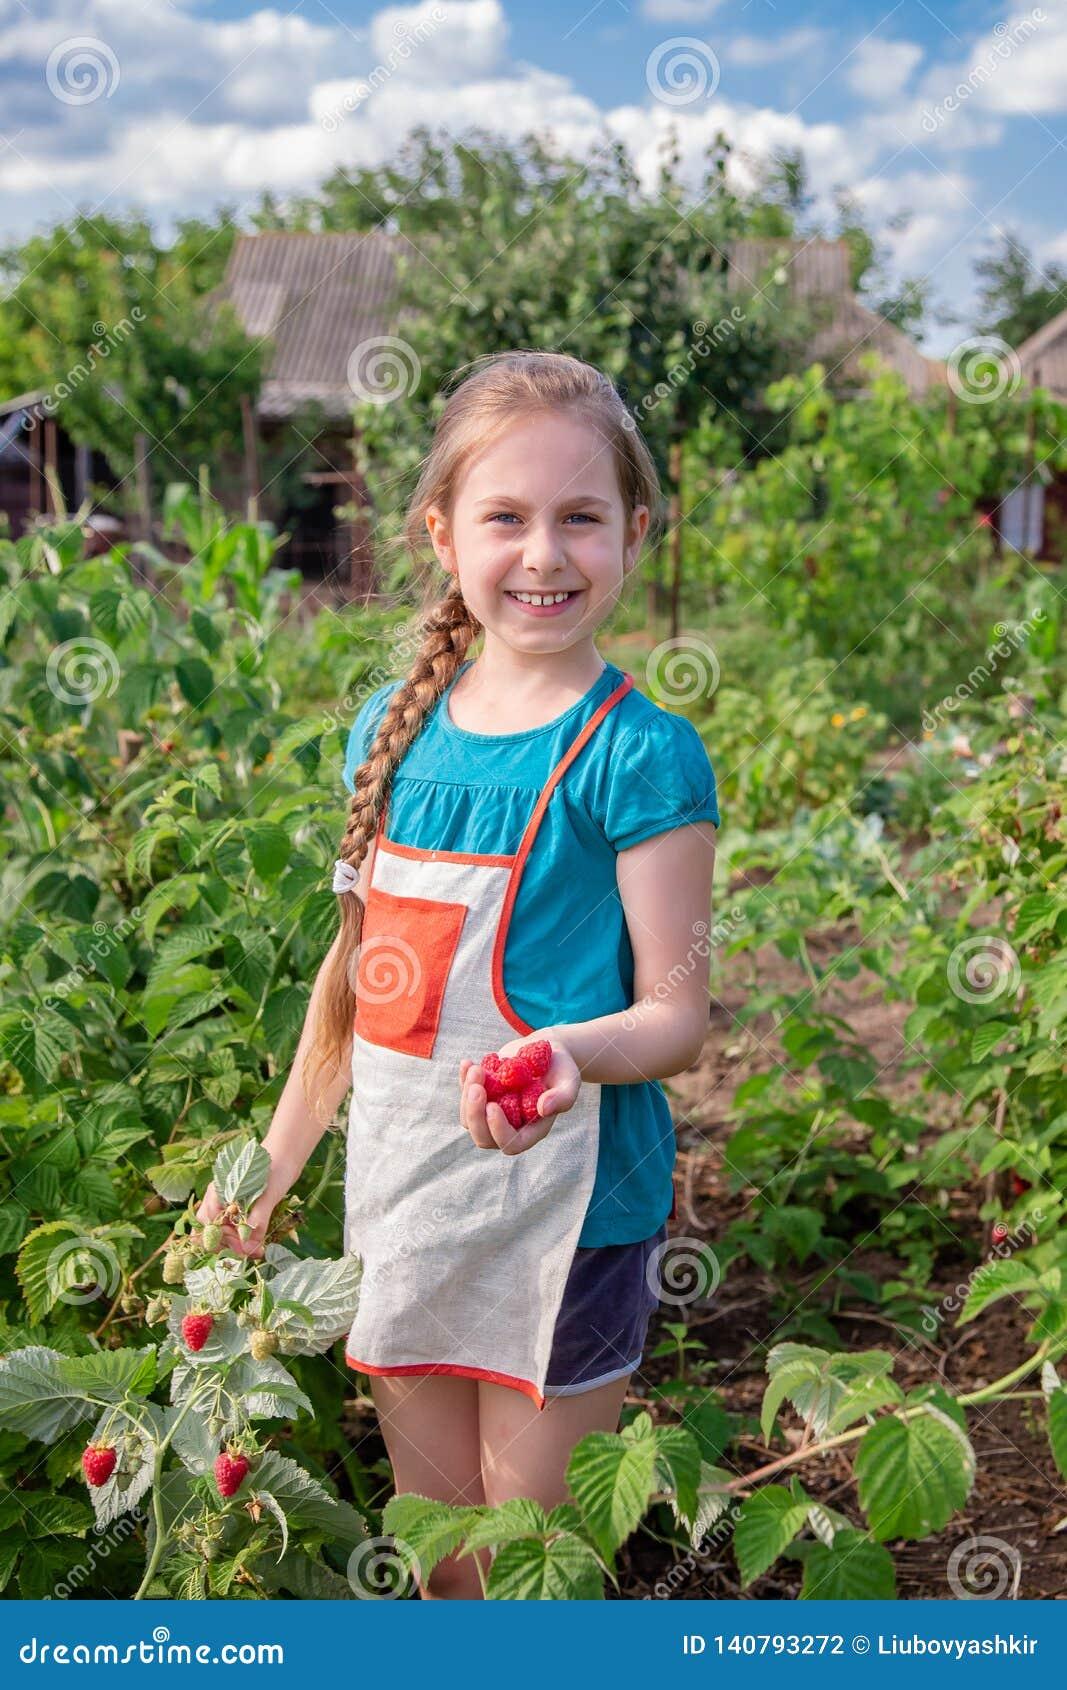 Die Erntehimbeeren der Kinder Ein nettes kleines Mädchen sammelt frische Früchte auf einem organischen Himbeerbauernhof Im Garten